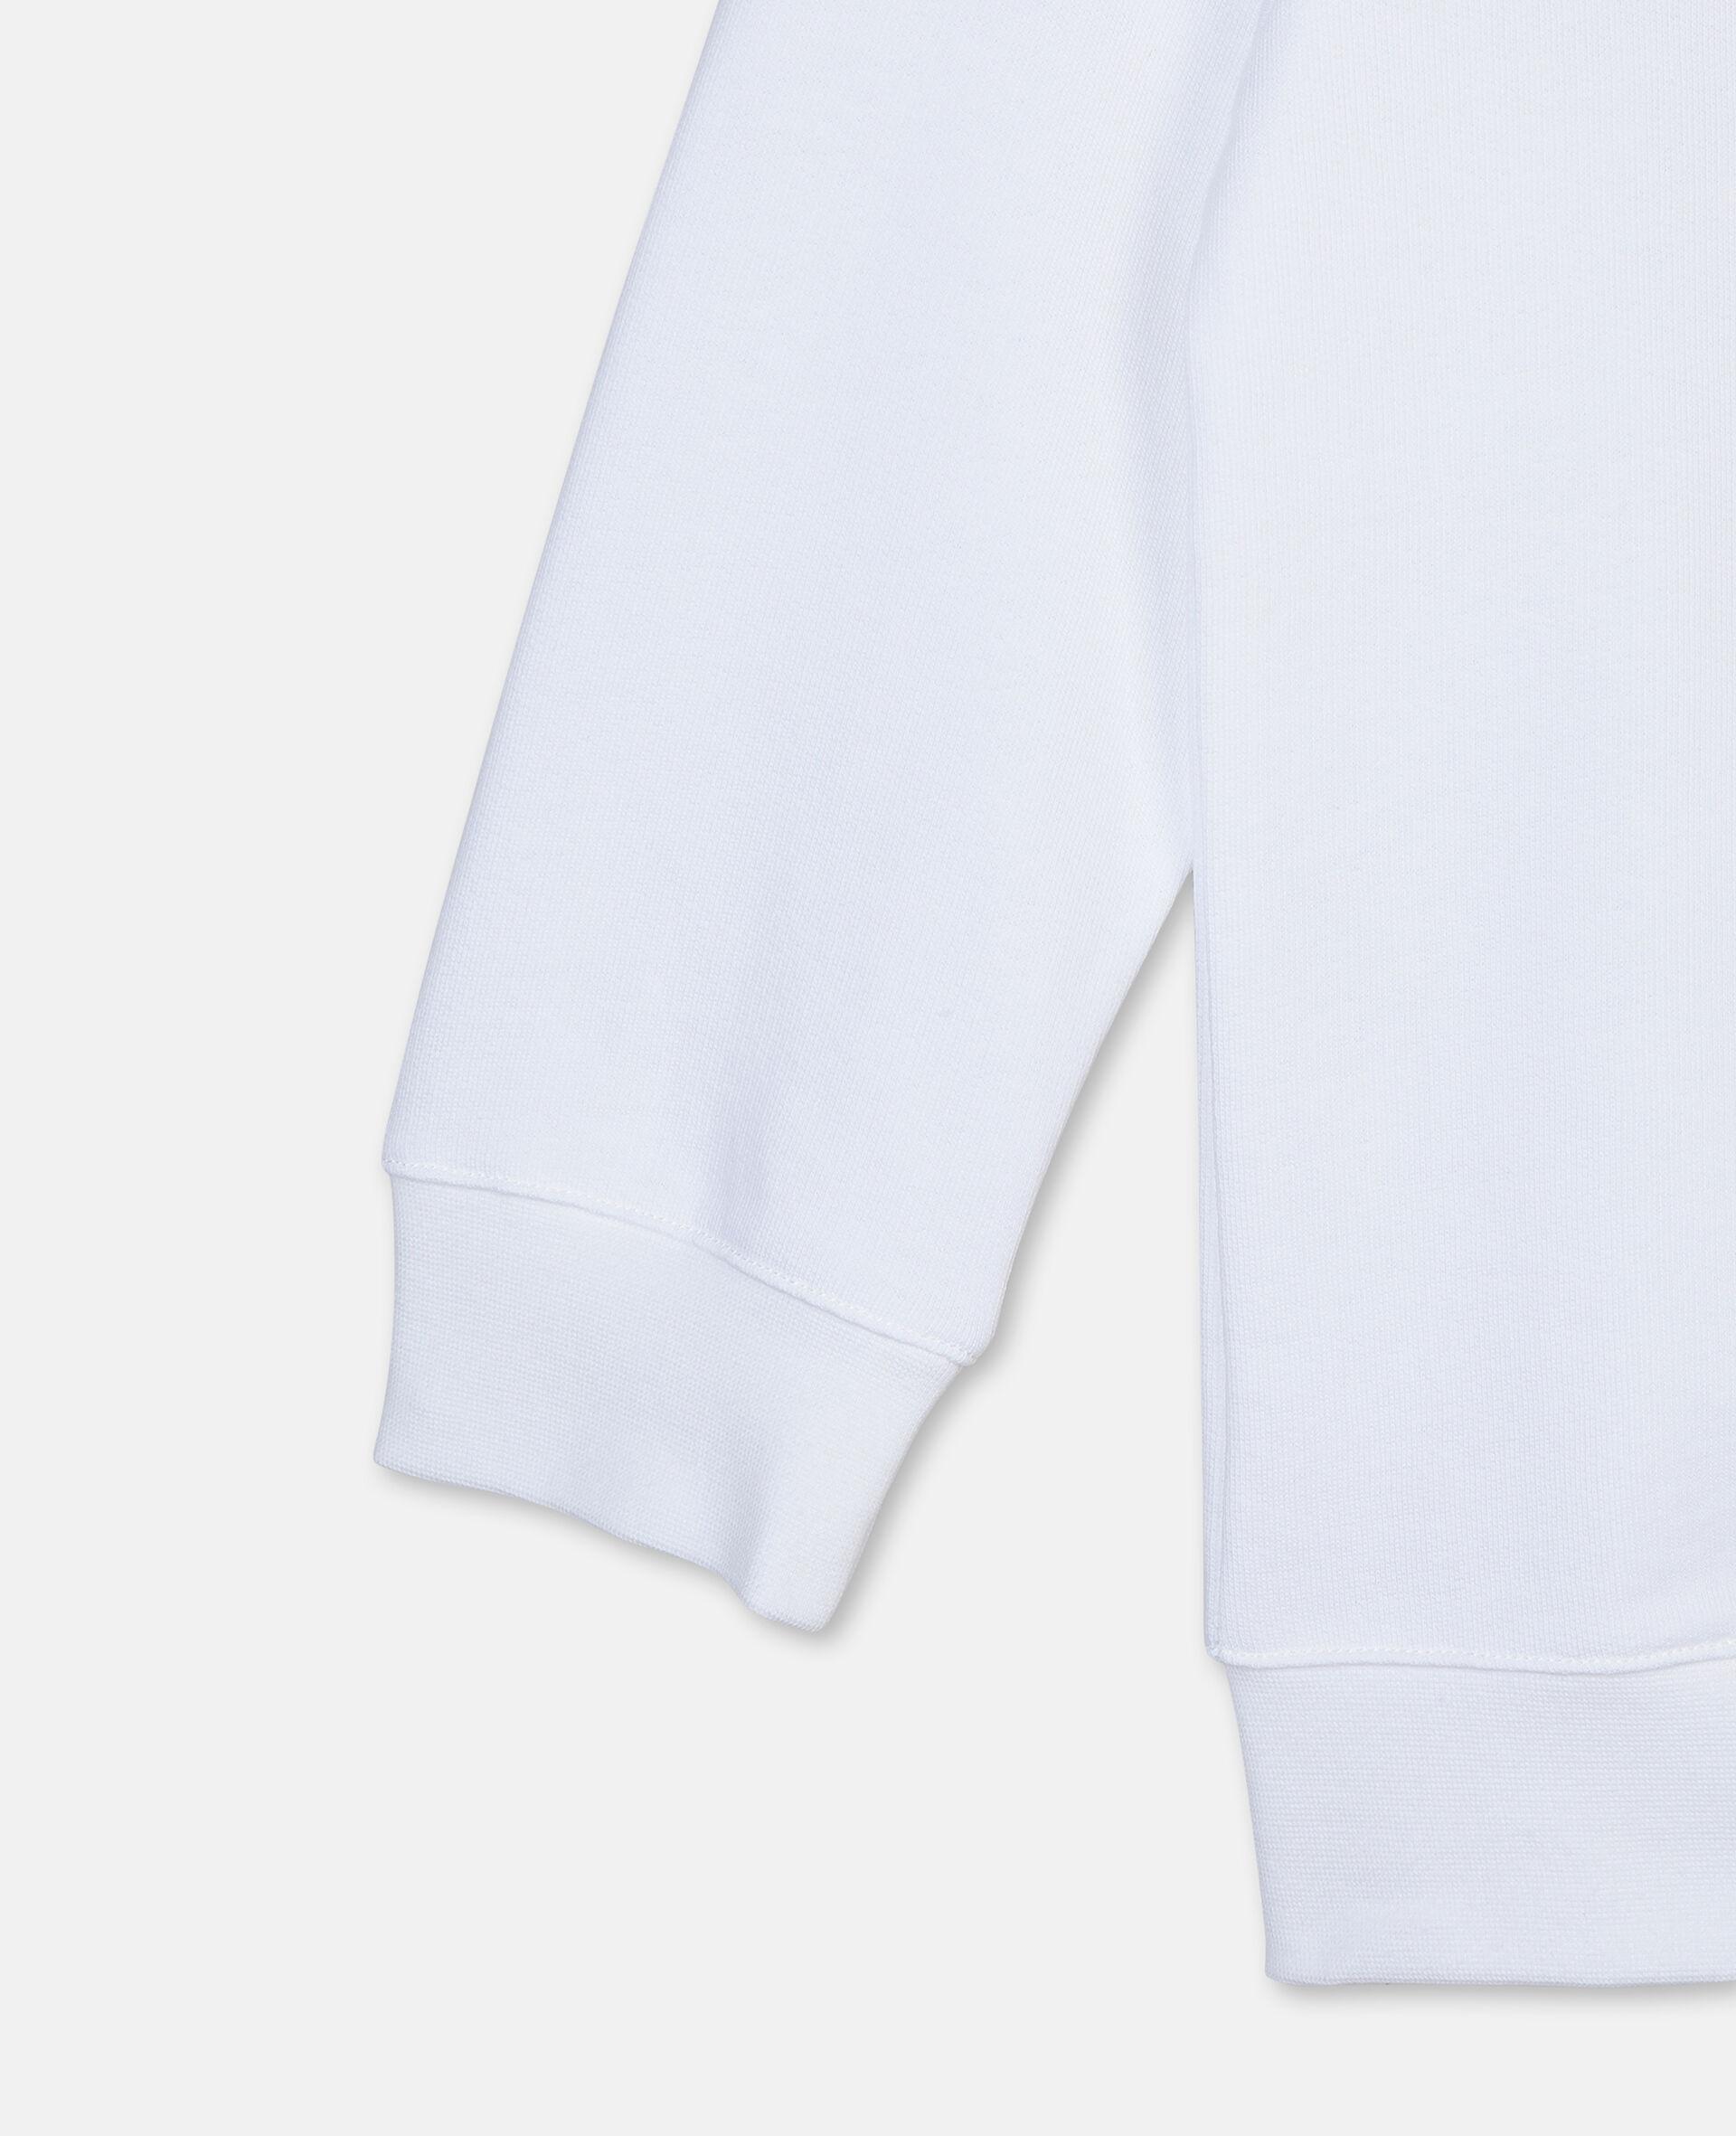 Oversize Basketball Cotton Sweatshirt -White-large image number 2